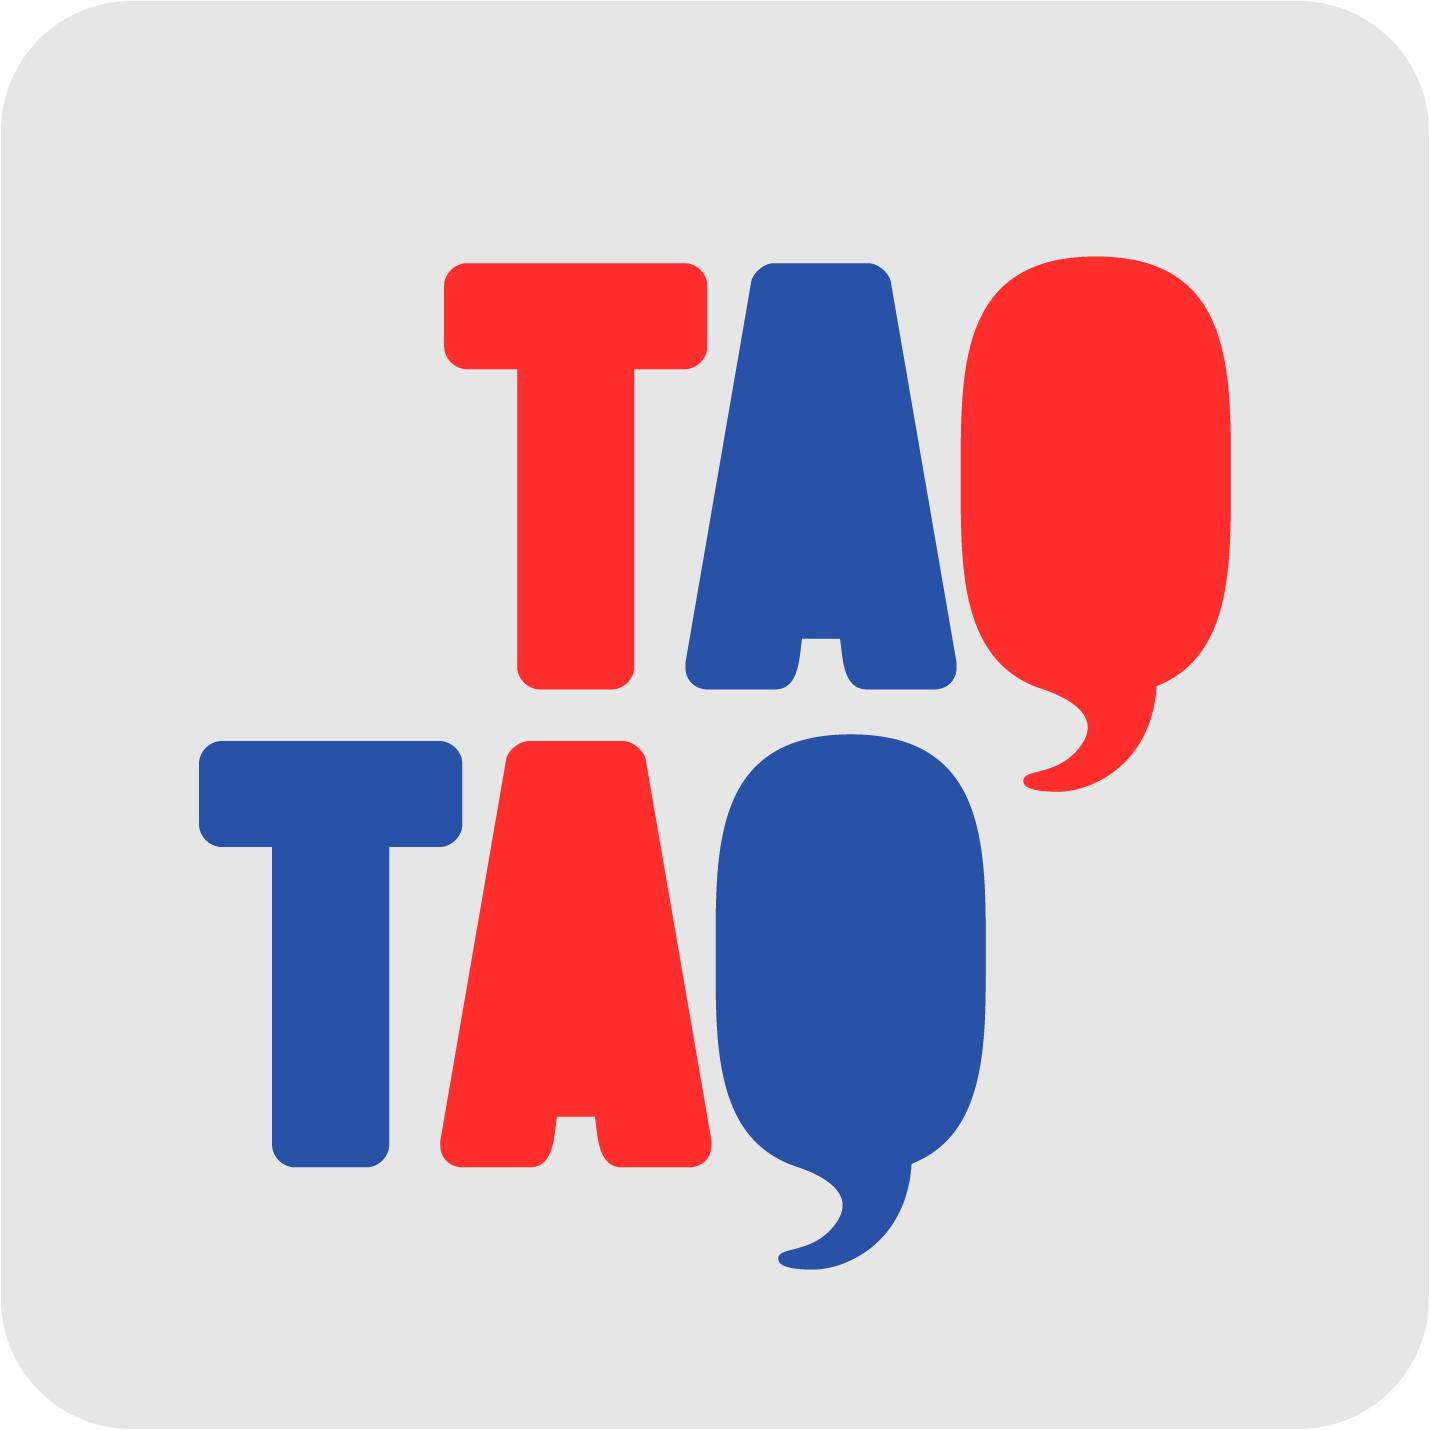 Aplikacija TaqTaq